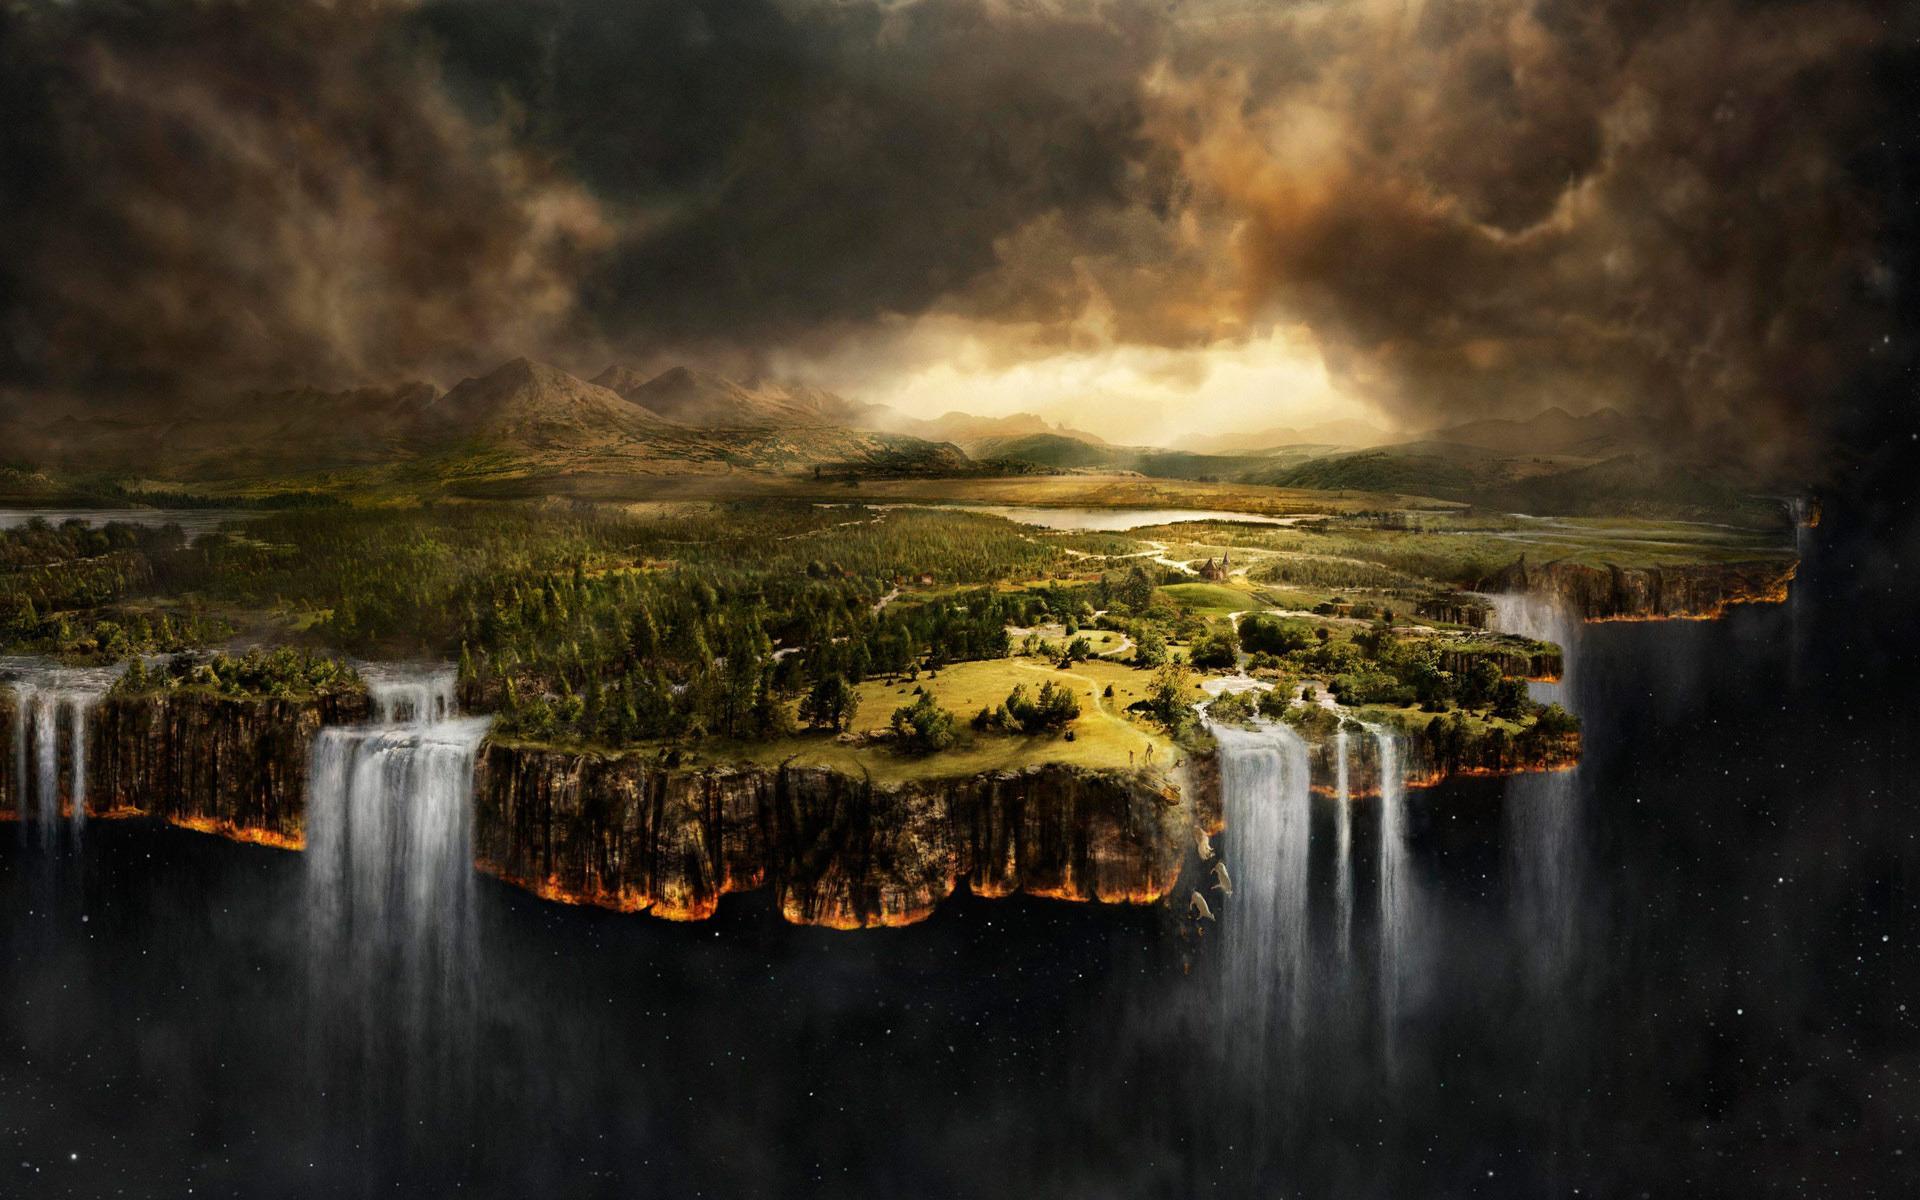 http://hq-wallpapers.ru/wallpapers/8/hq-wallpapers_ru_nature_36874_1920x1200.jpg